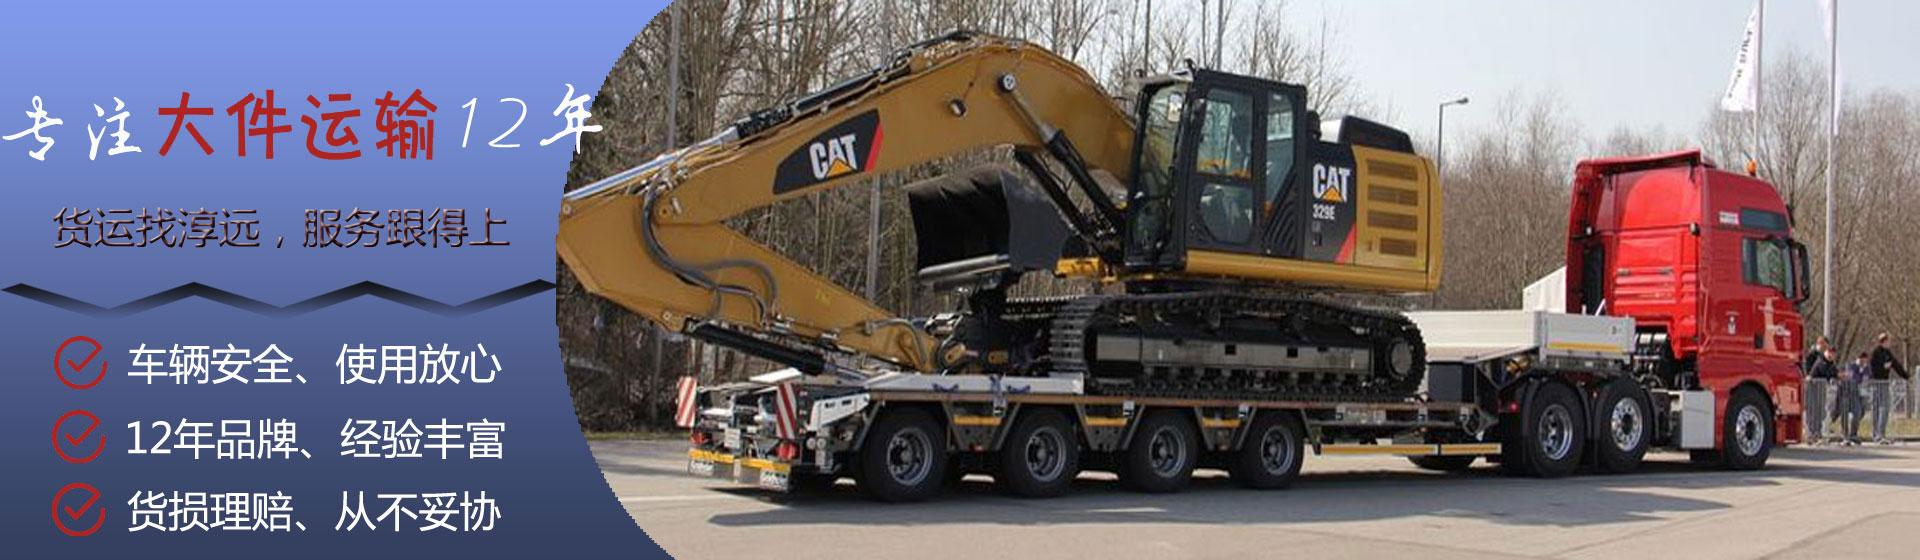 大型挖掘机运输